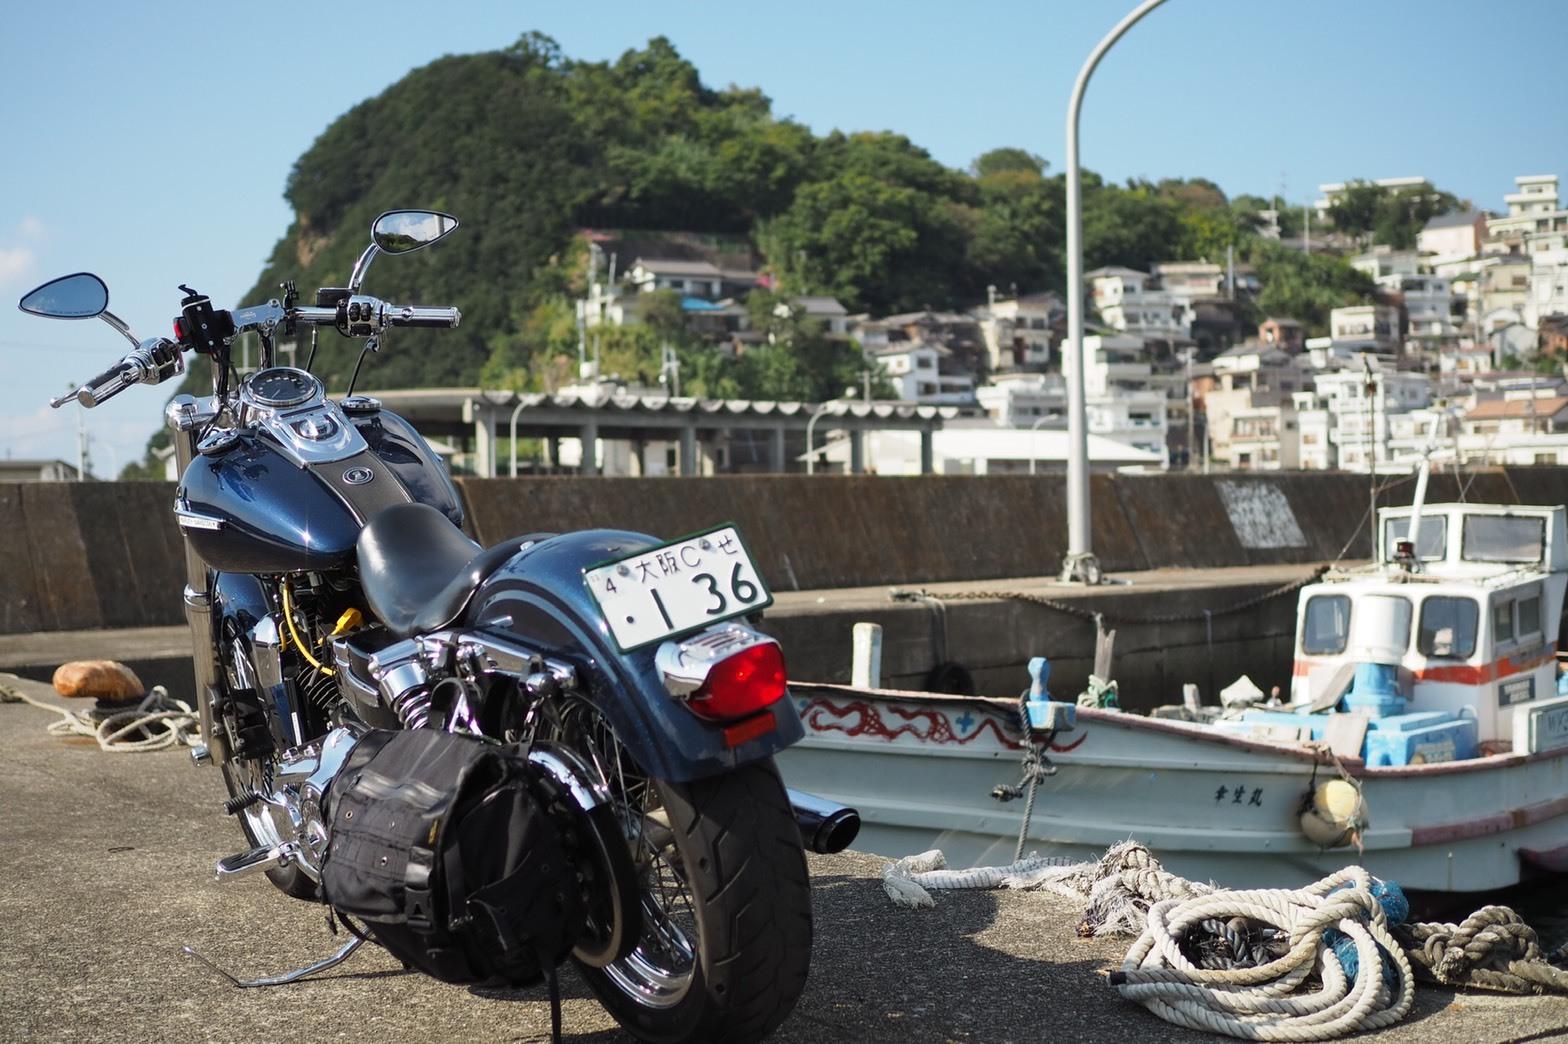 ぴーきちハーレーブログ 和歌の浦ツーリング 雑賀崎 日本のアマルフィ 和歌山 漁港